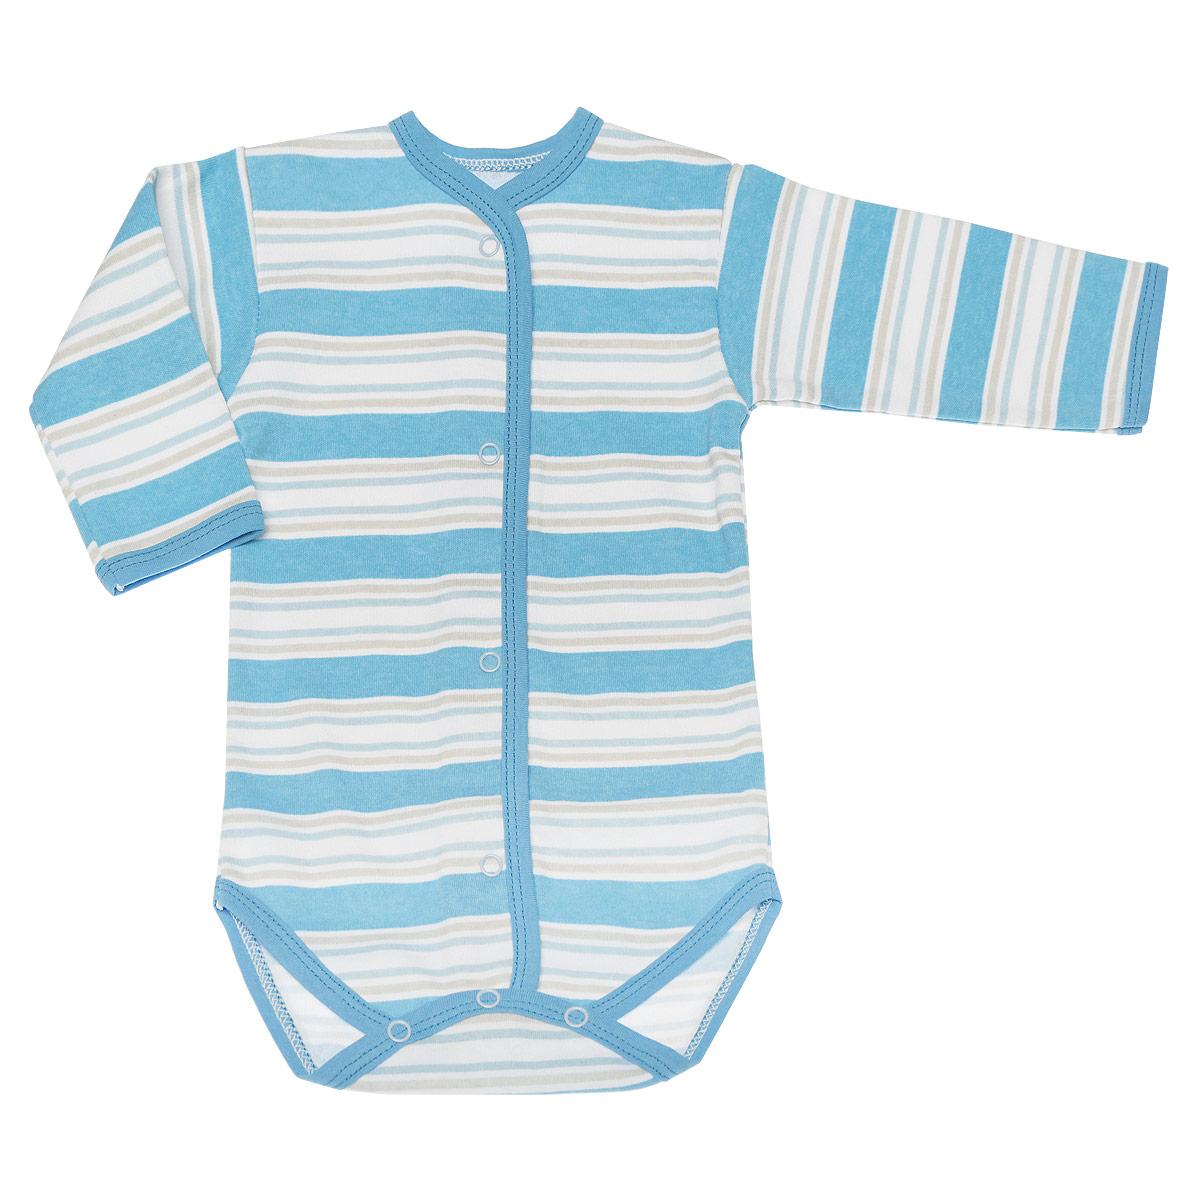 Боди детское Трон-плюс, цвет: голубой, белый. 5878_полоска. Размер 68, 6 месяцев5878_полоскаУдобное детское боди Трон-плюс послужит идеальным дополнением к гардеробу вашего крохи, обеспечивая ему наибольший комфорт. Боди с длинными рукавами и круглым вырезом горловины изготовлено из интерлока -натурального хлопка, благодаря чему оно необычайно мягкое и легкое, не раздражает нежную кожу ребенка и хорошо вентилируется, а эластичные швы приятны телу младенца и не препятствуют его движениям. Удобные застежки-кнопки спереди и на ластовице помогают легко переодеть ребенка или сменить подгузник. Вырез горловины, планка, низ рукавов и ластовица дополнены бейкой. Оформлена модель принтом в полоску. Боди полностью соответствует особенностям жизни ребенка в ранний период, не стесняя и не ограничивая его в движениях. В нем ваш младенец всегда будет в центре внимания.